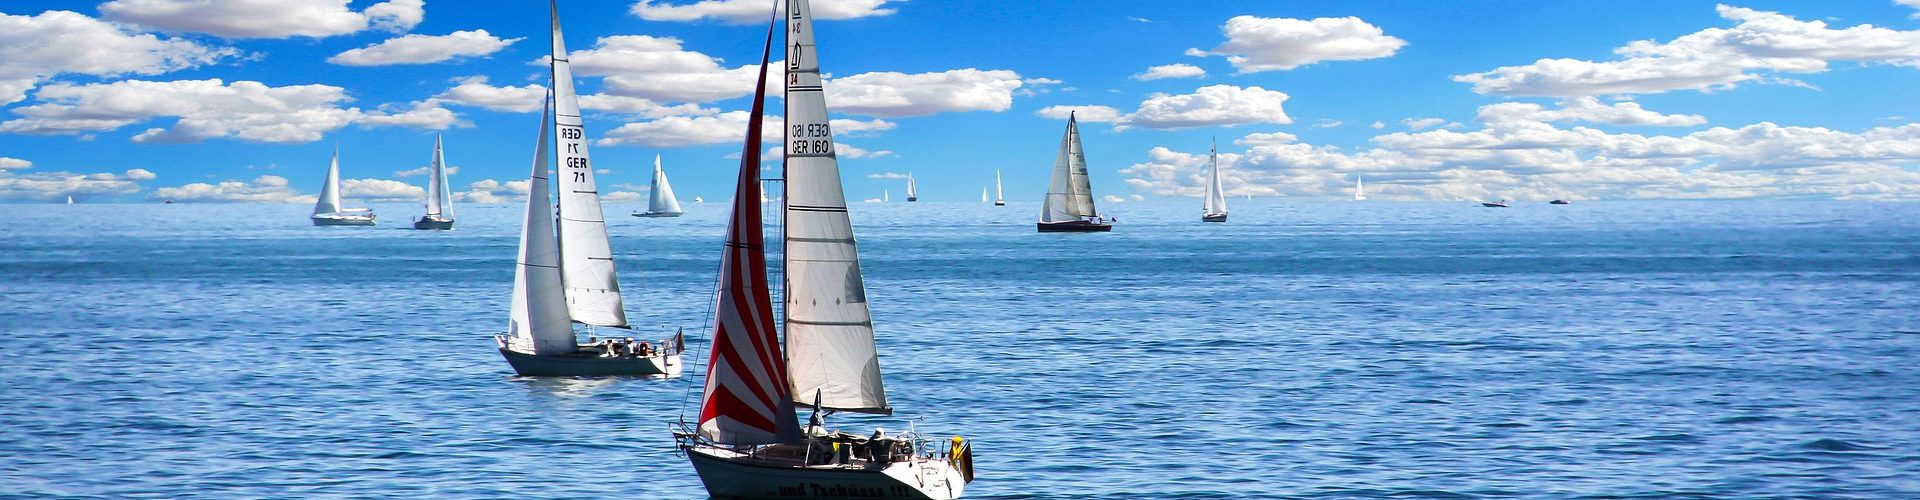 segeln lernen in Schweich segelschein machen in Schweich 1920x500 - Segeln lernen in Schweich